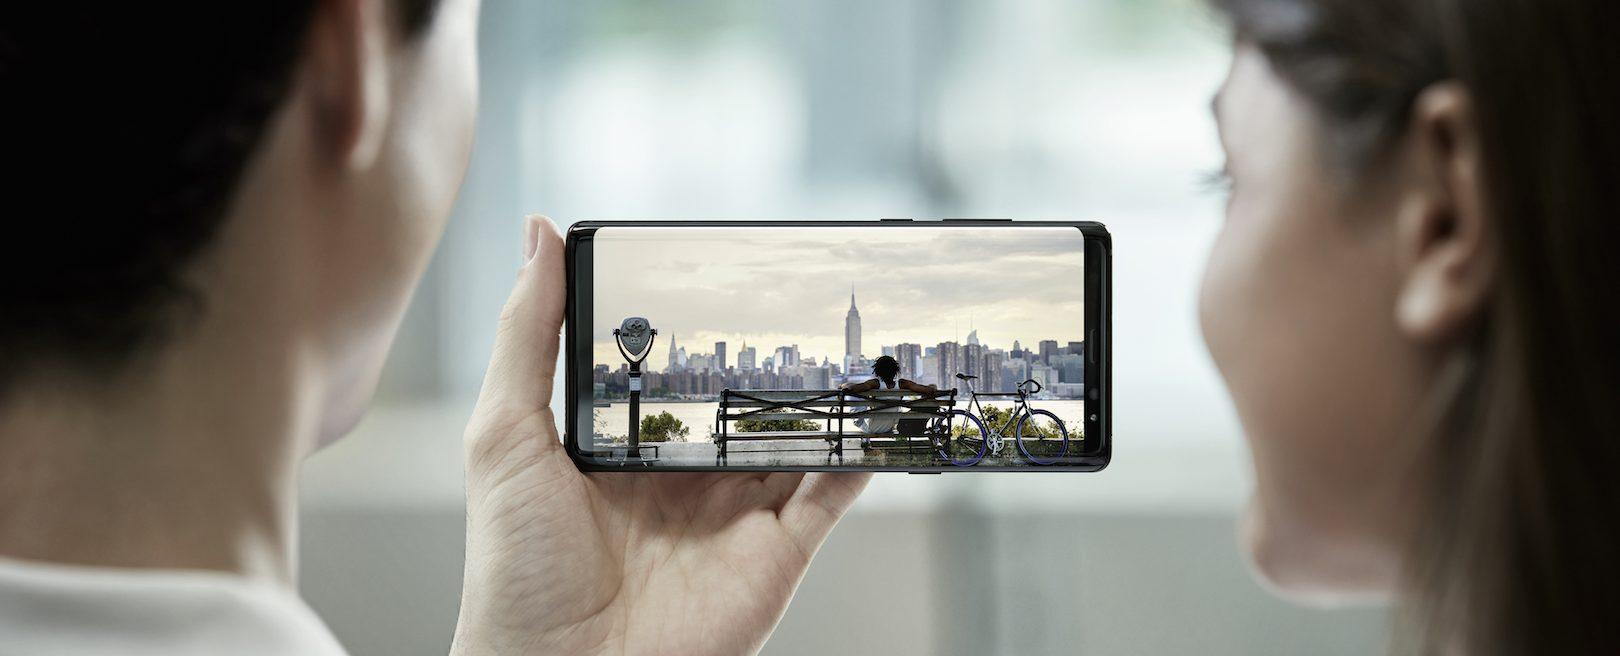 Samsung đặt ra mục tiêu bán được gần 1 triệu Galaxy Note8 chỉ trong vòng...1 tháng! hình 1